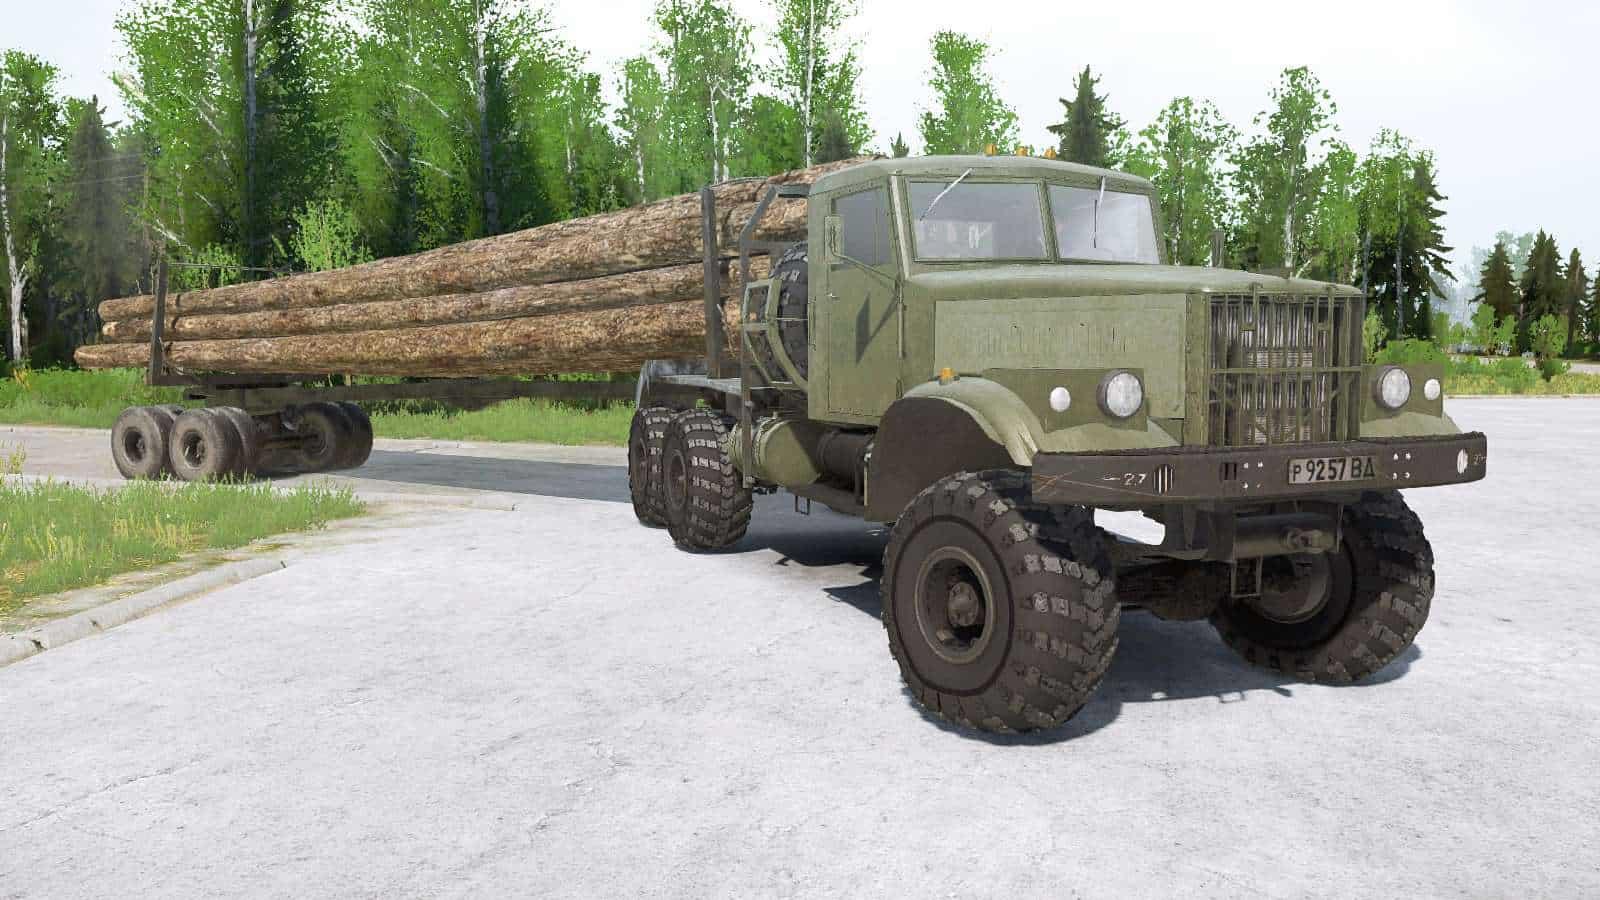 Spintires:Mudrunner - KRAz 256B1 Truck